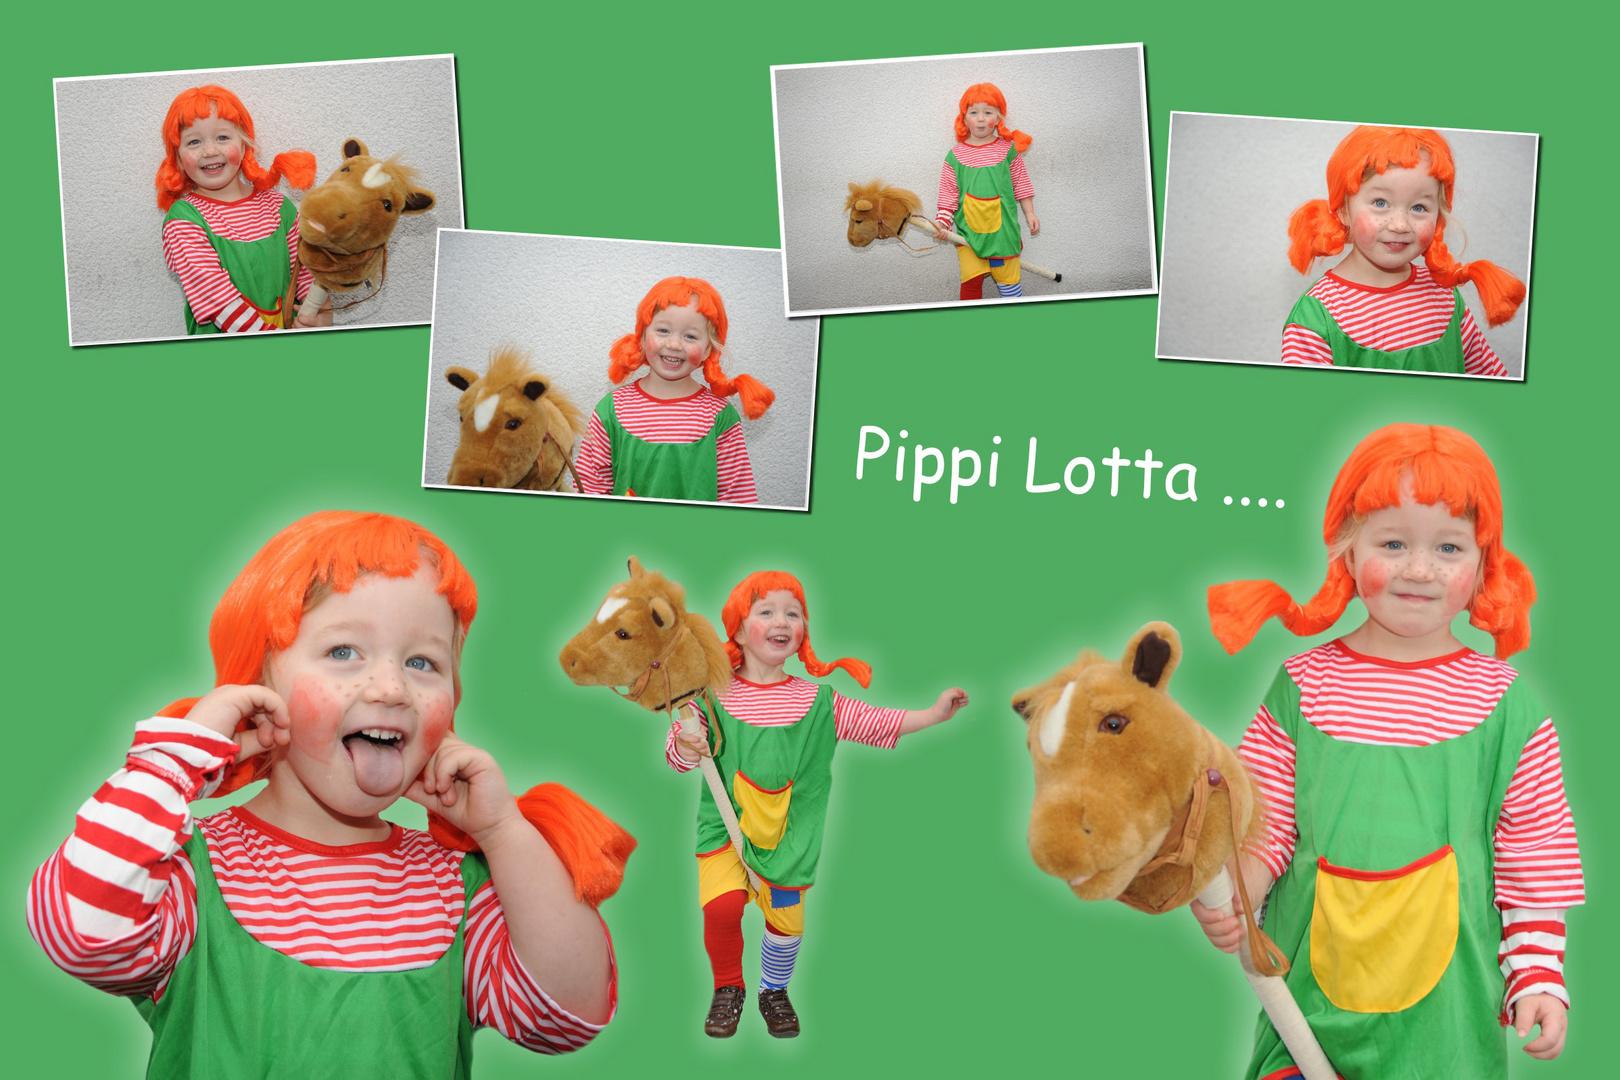 Pippi Lotta ...